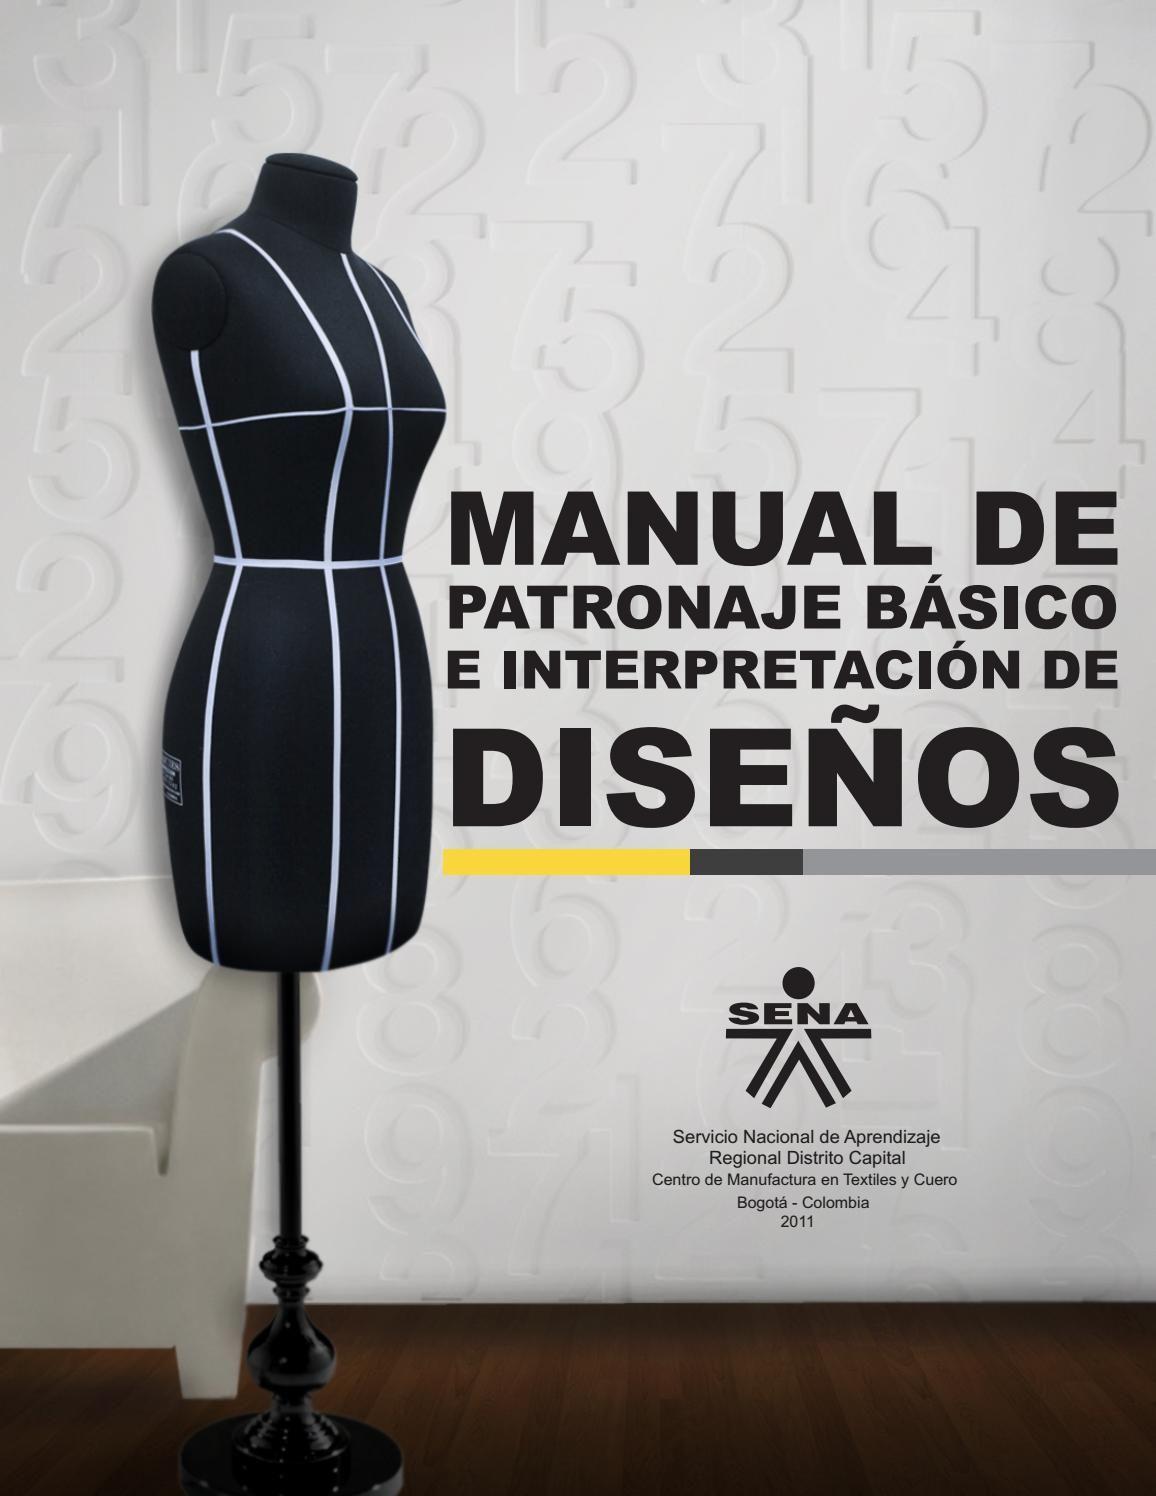 18 manual de patrones basicos e interpretación de diseños ...